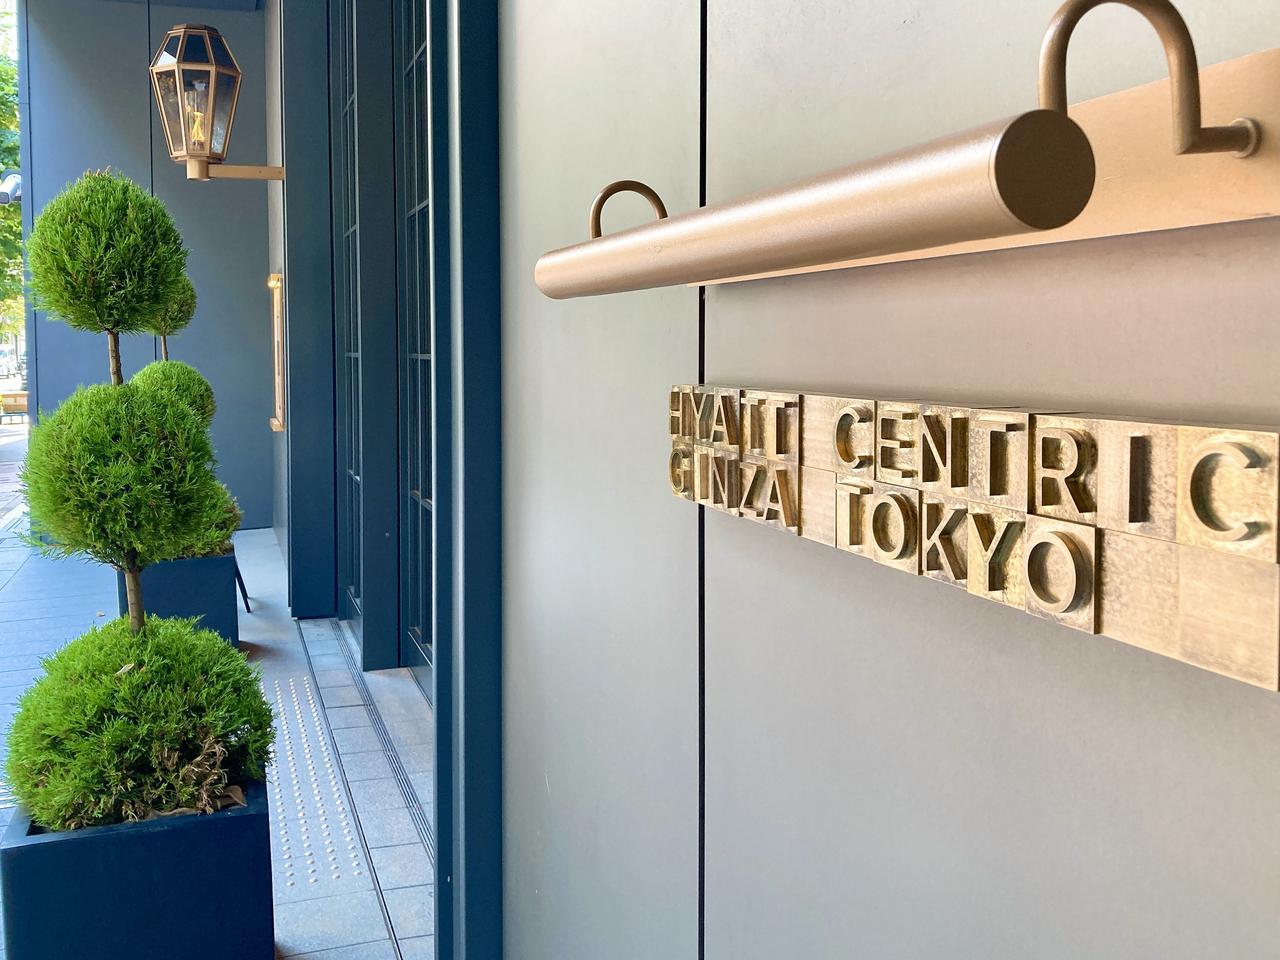 画像1: ライフスタイルホテル『ハイアット セントリック 銀座 東京』で…